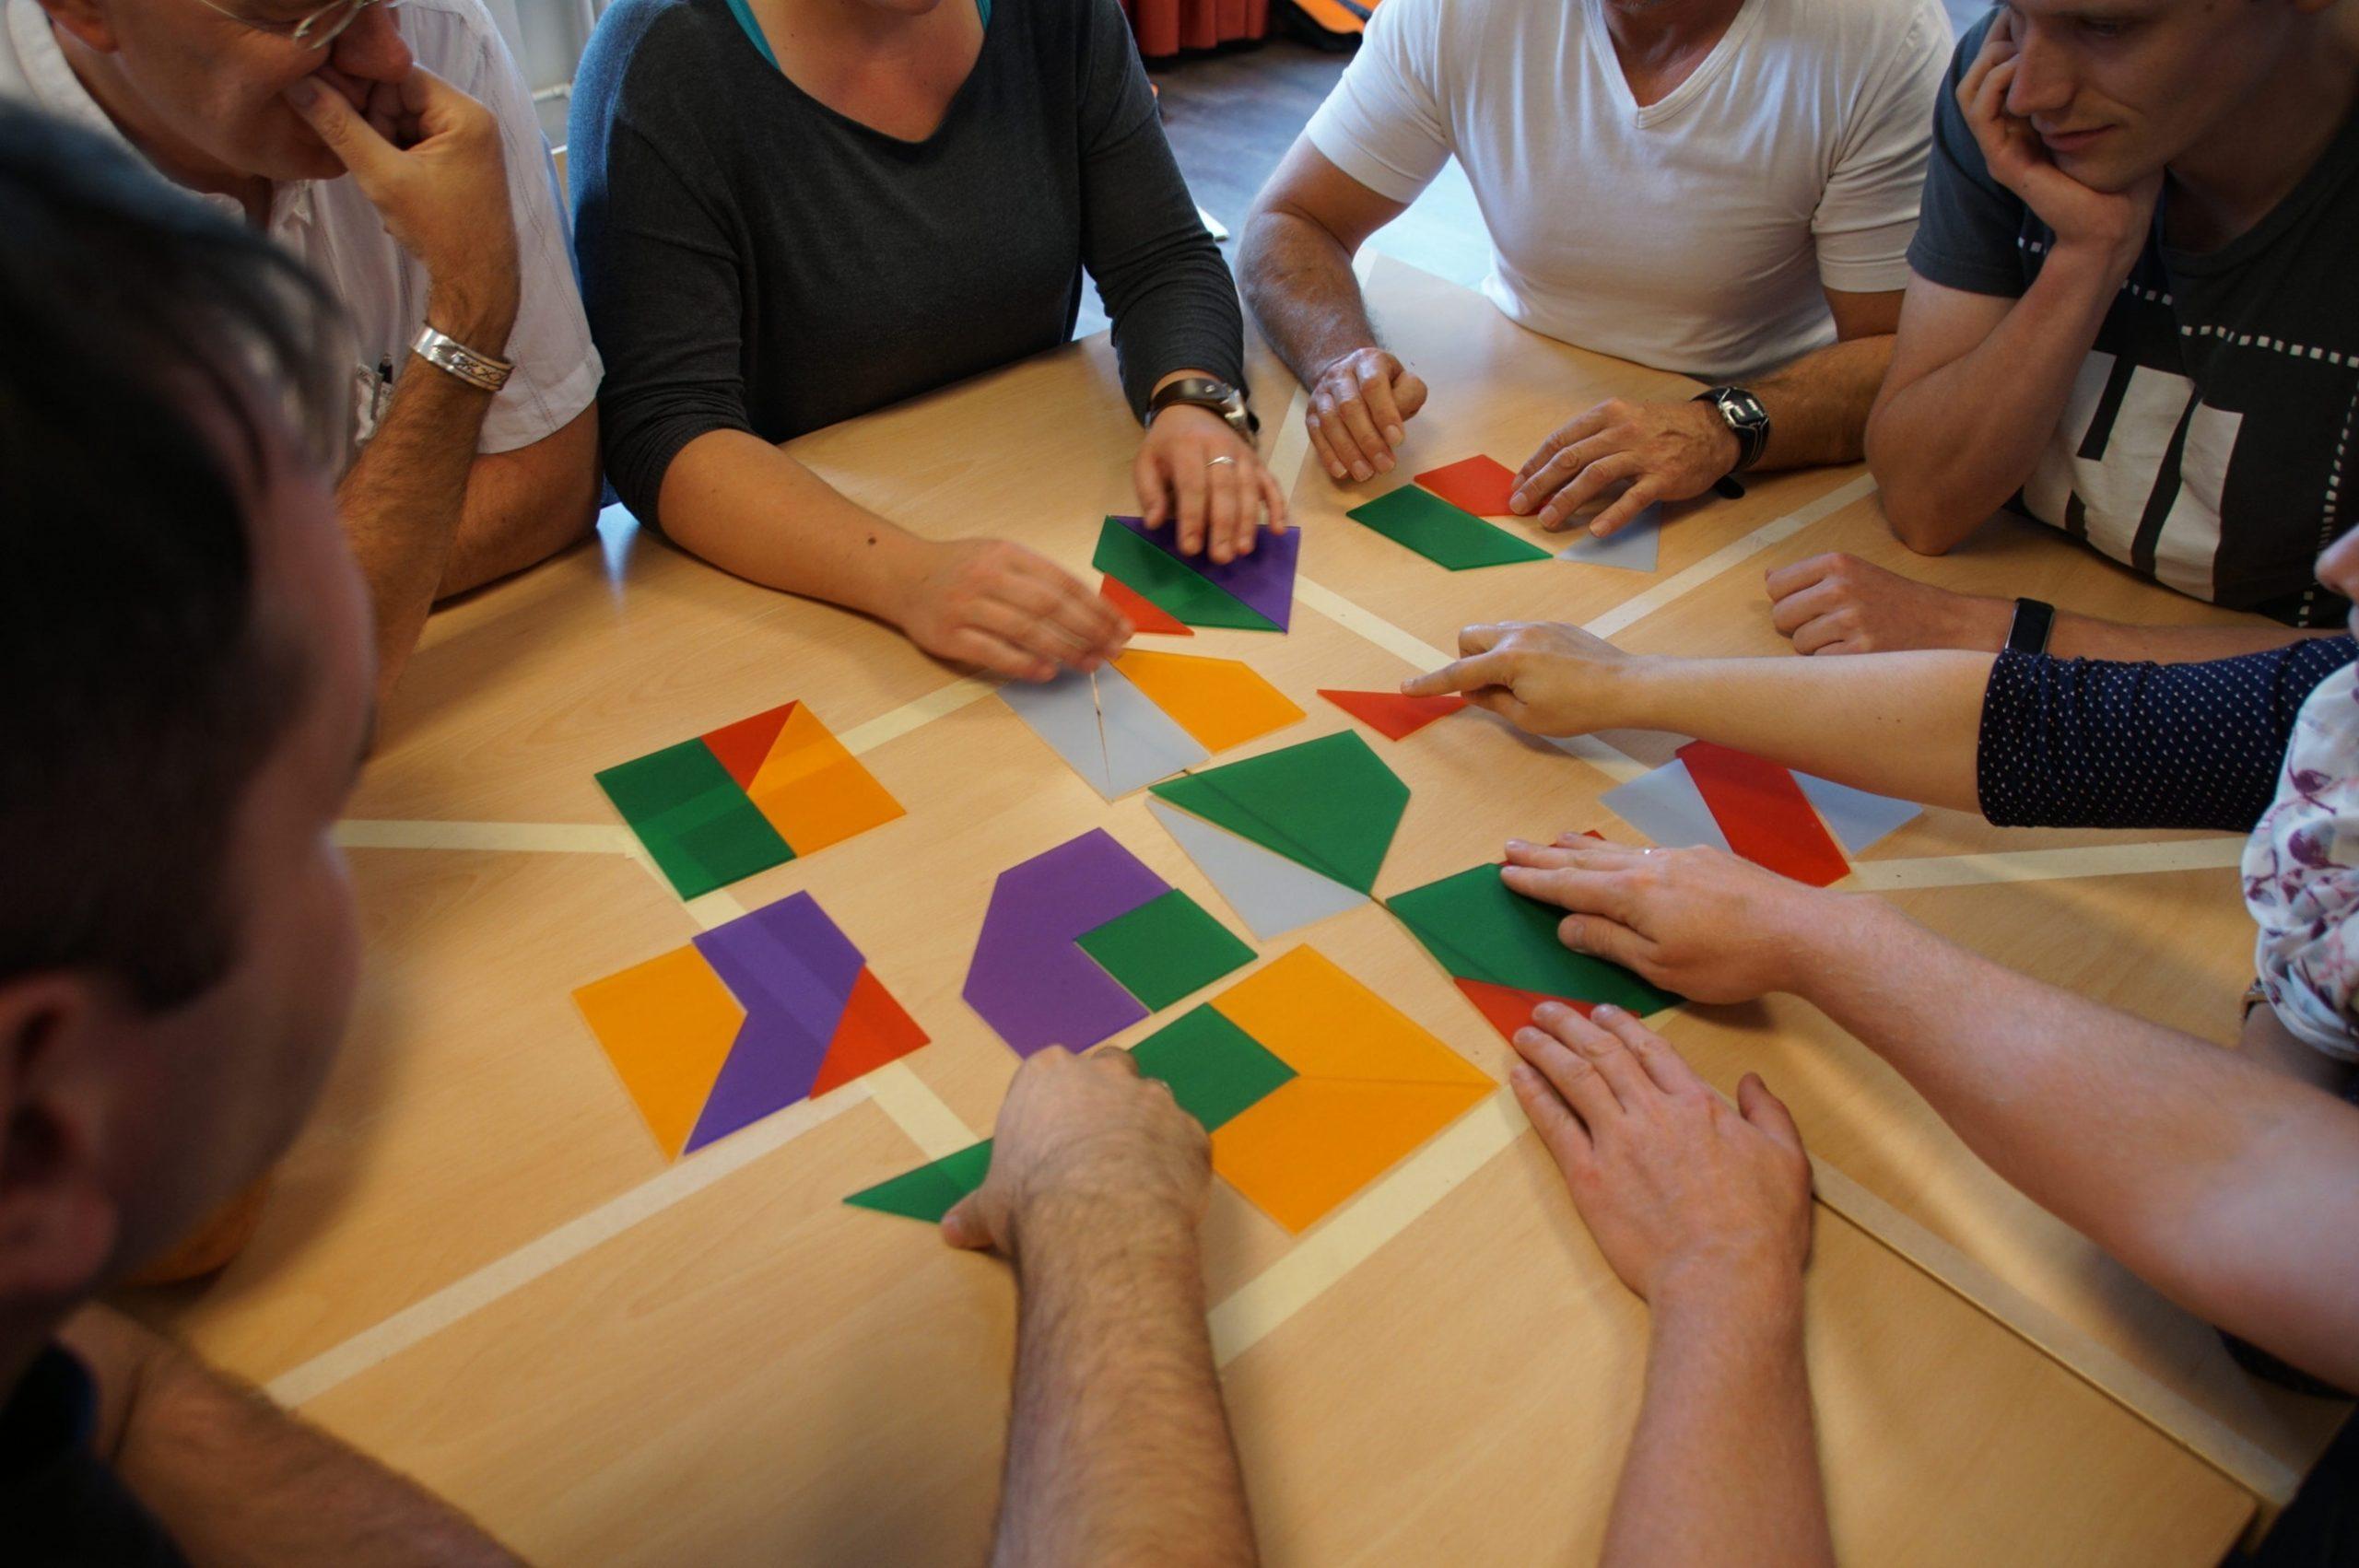 Als Gruppe wachsen - Wir helfen Auszubildenden, Ausbildern und Unternehmen Teamfähigkeit, Zusammenhalt und Vertrauen zu entwickeln.